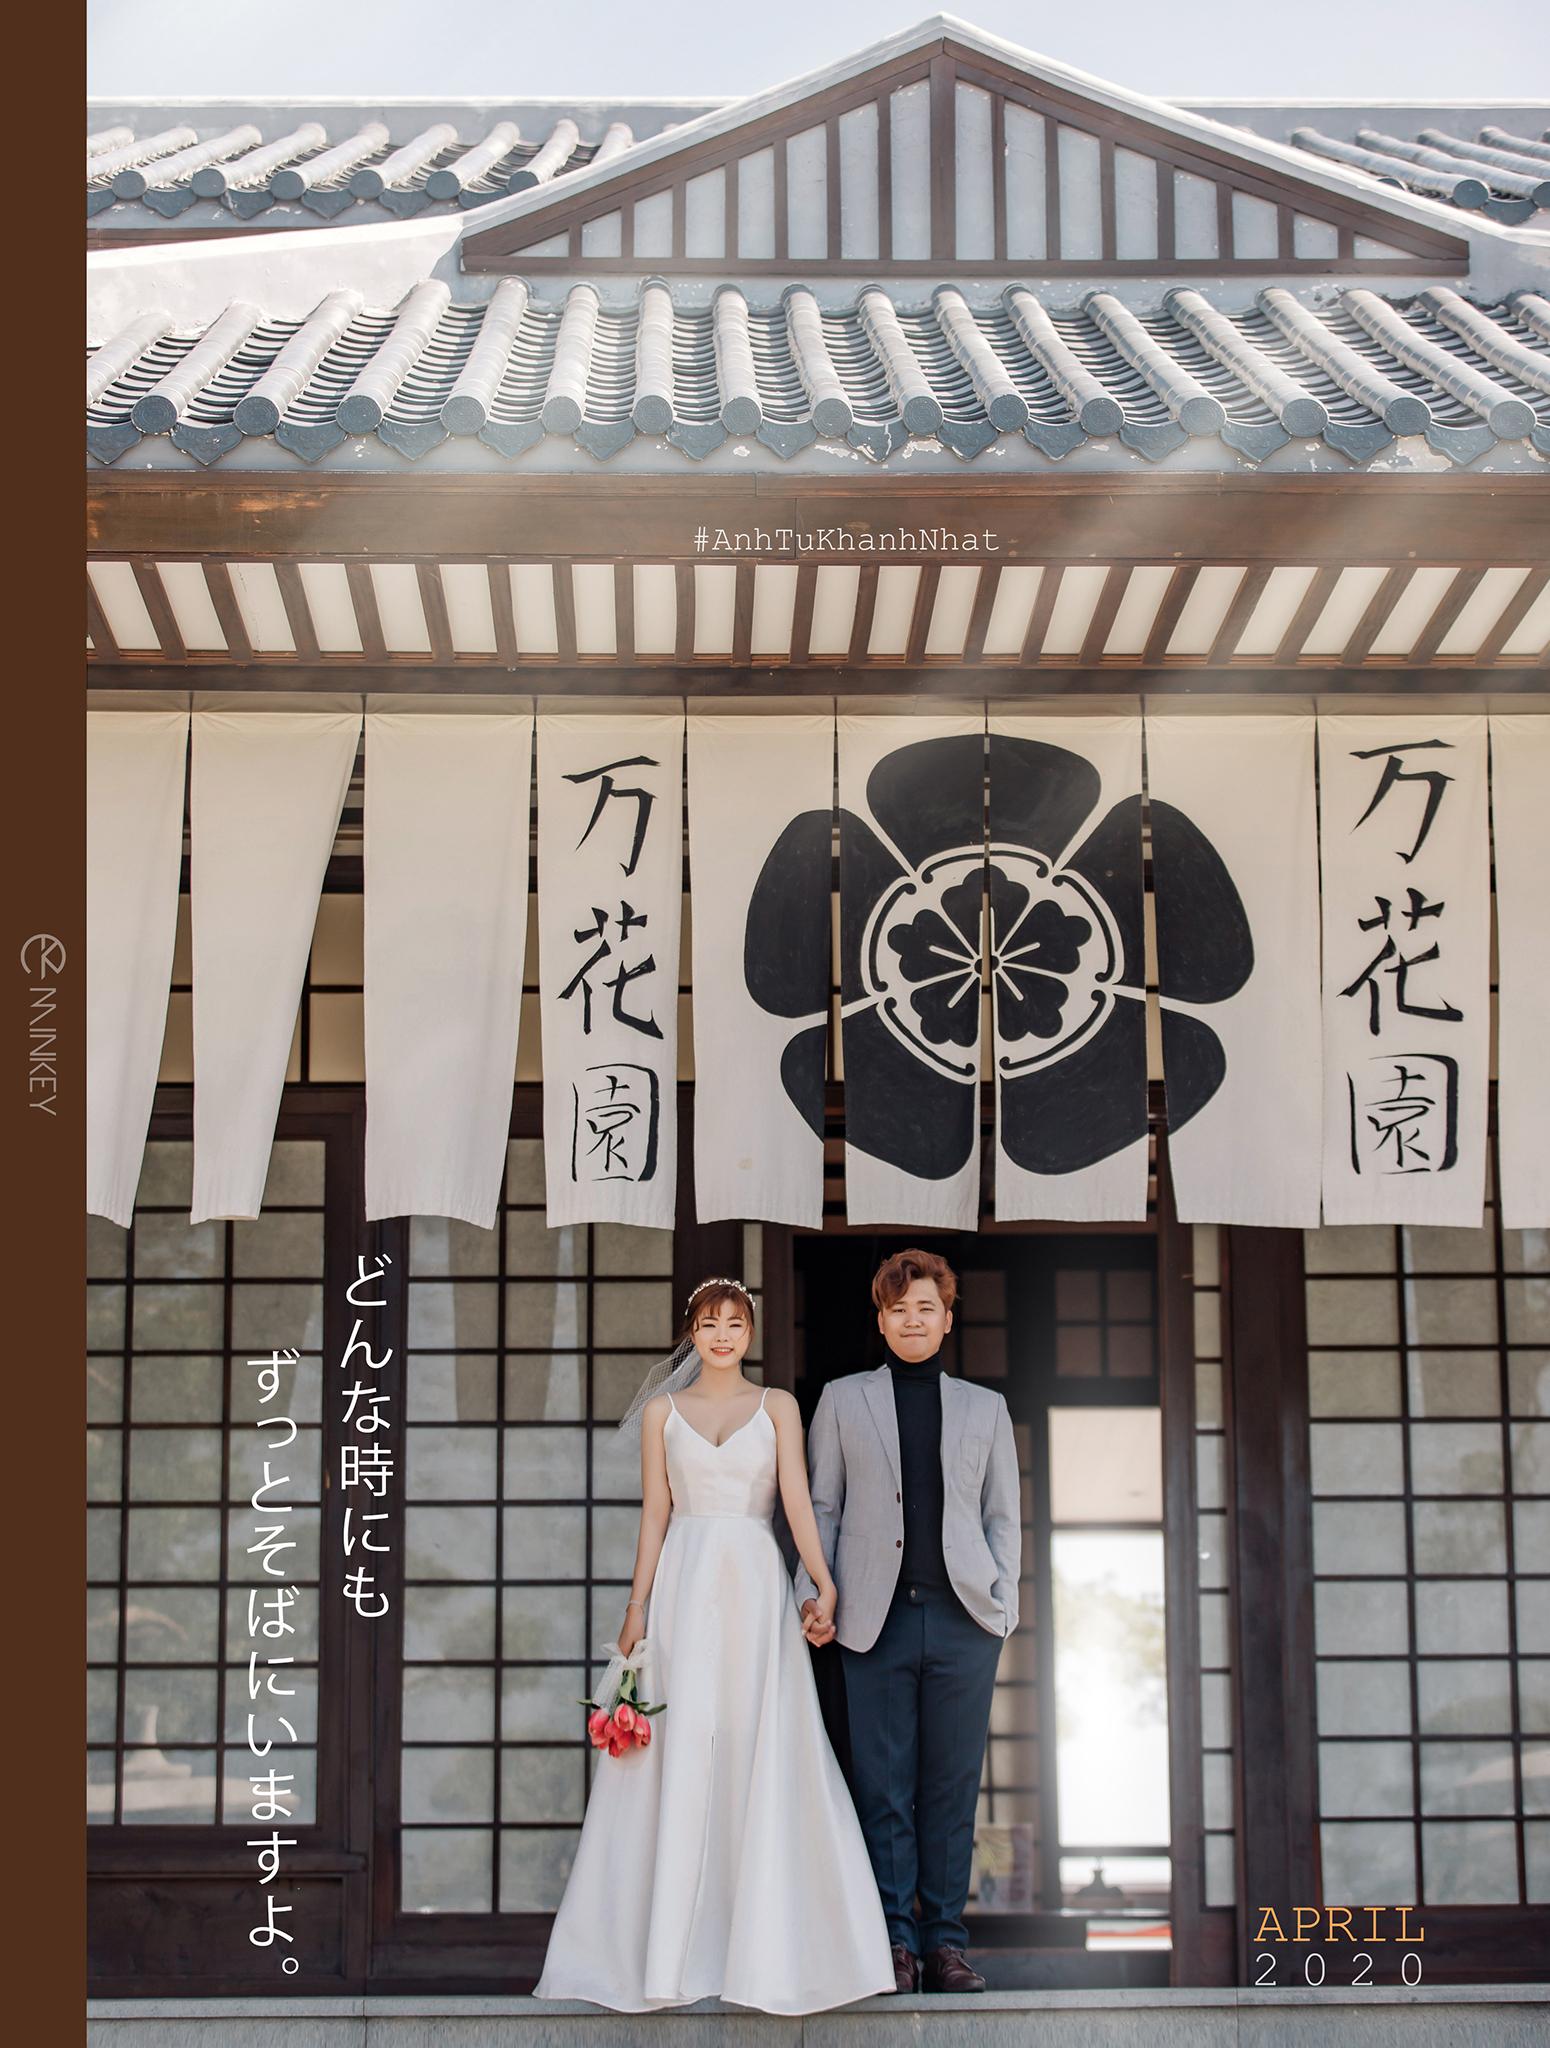 Xếp hạng 7 studio chụp ảnh cưới Hàn Quốc đẹp nhất Nha Trang, Khánh Hòa - MinKey Store